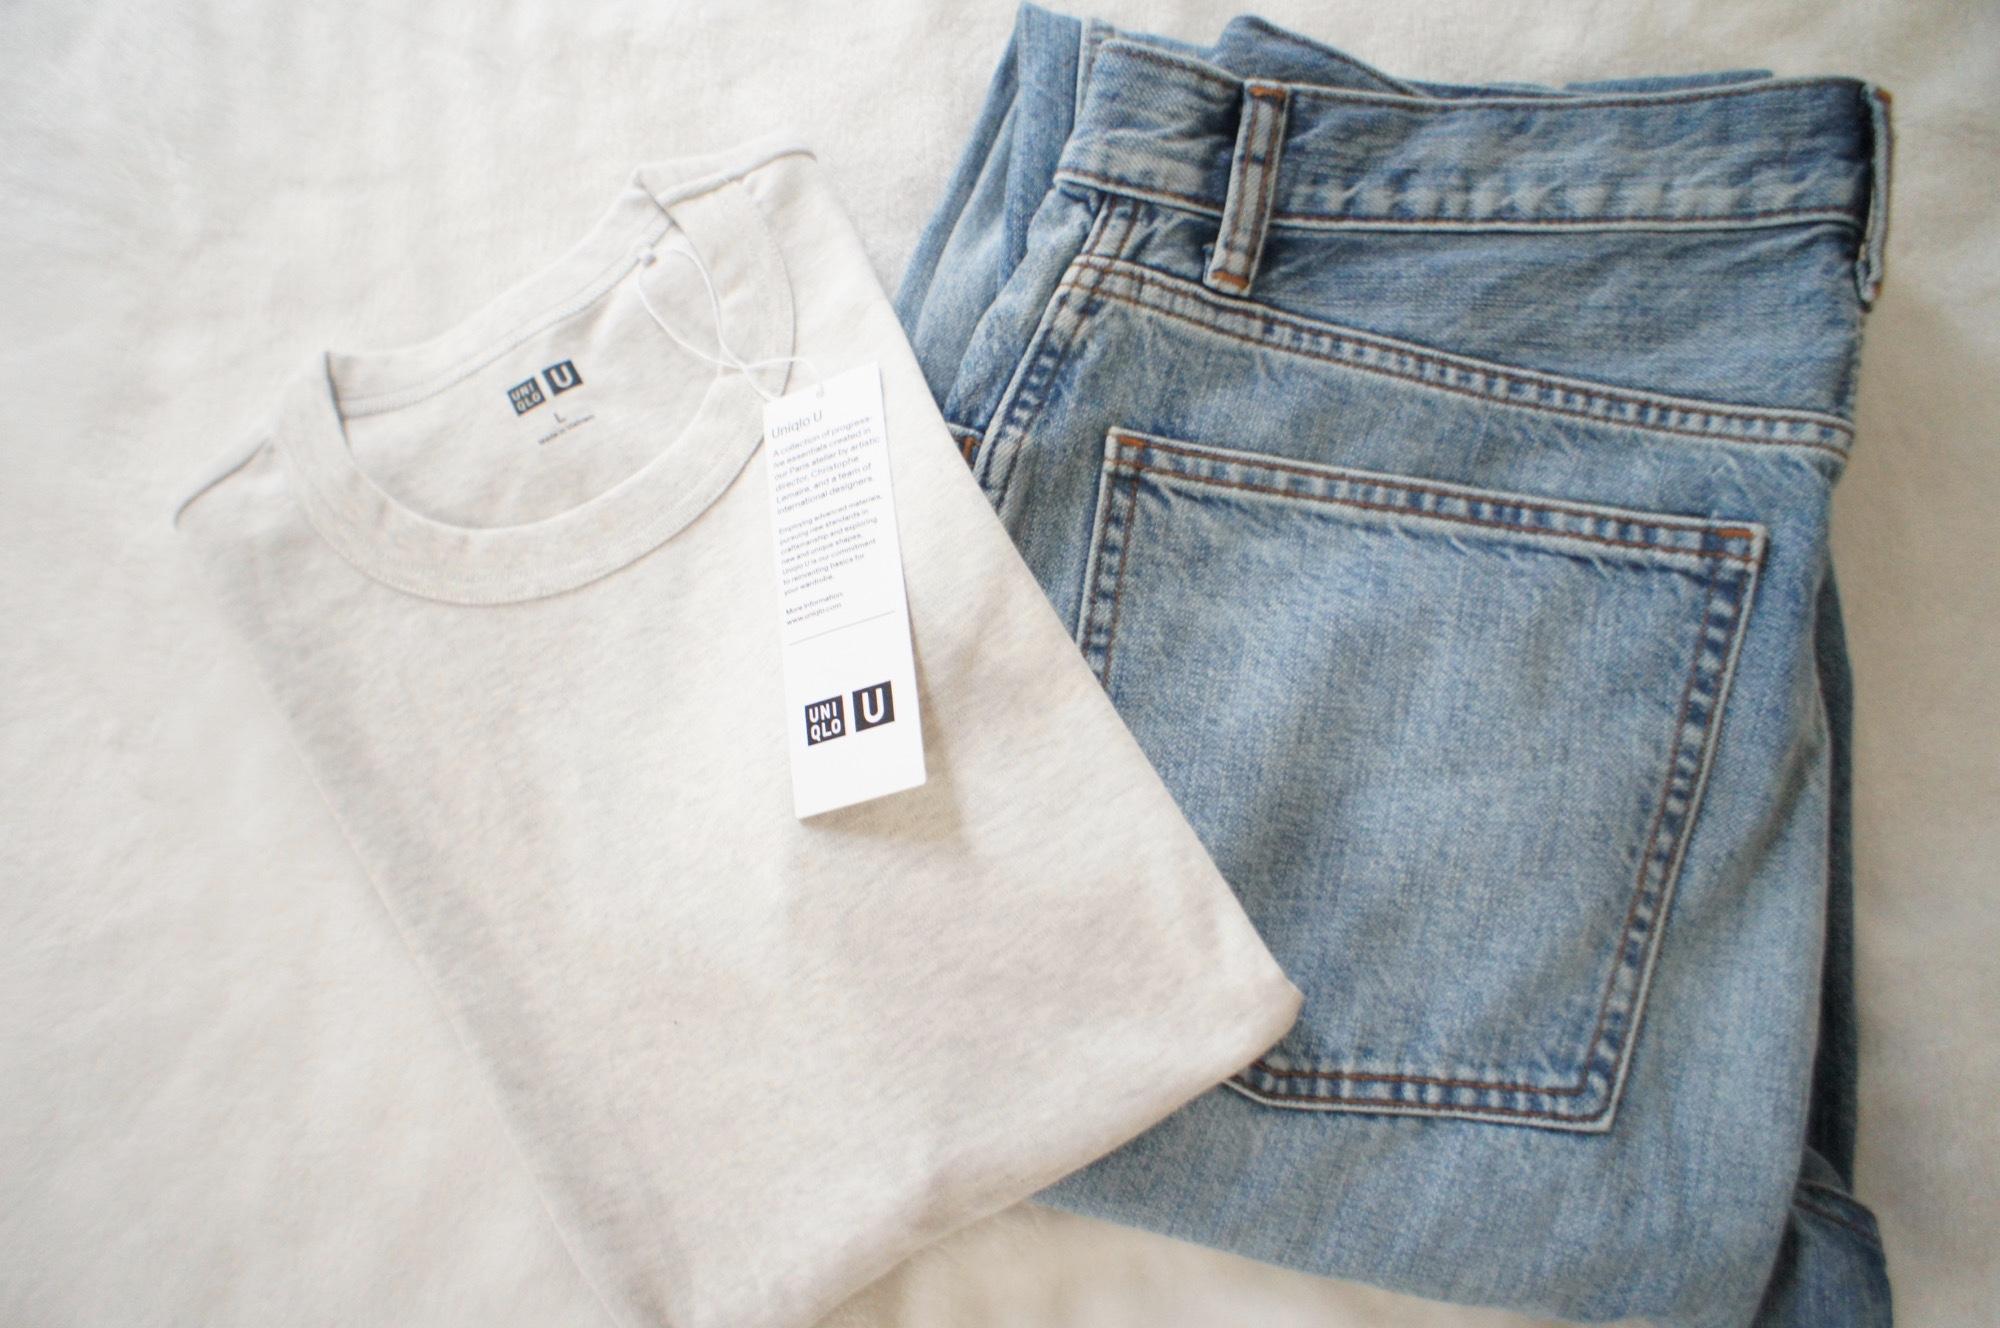 ユニクロのTシャツ特集 - UTやユニクロ ユーなど、夏の定番無地Tシャツ、限定コラボTシャツまとめ_7